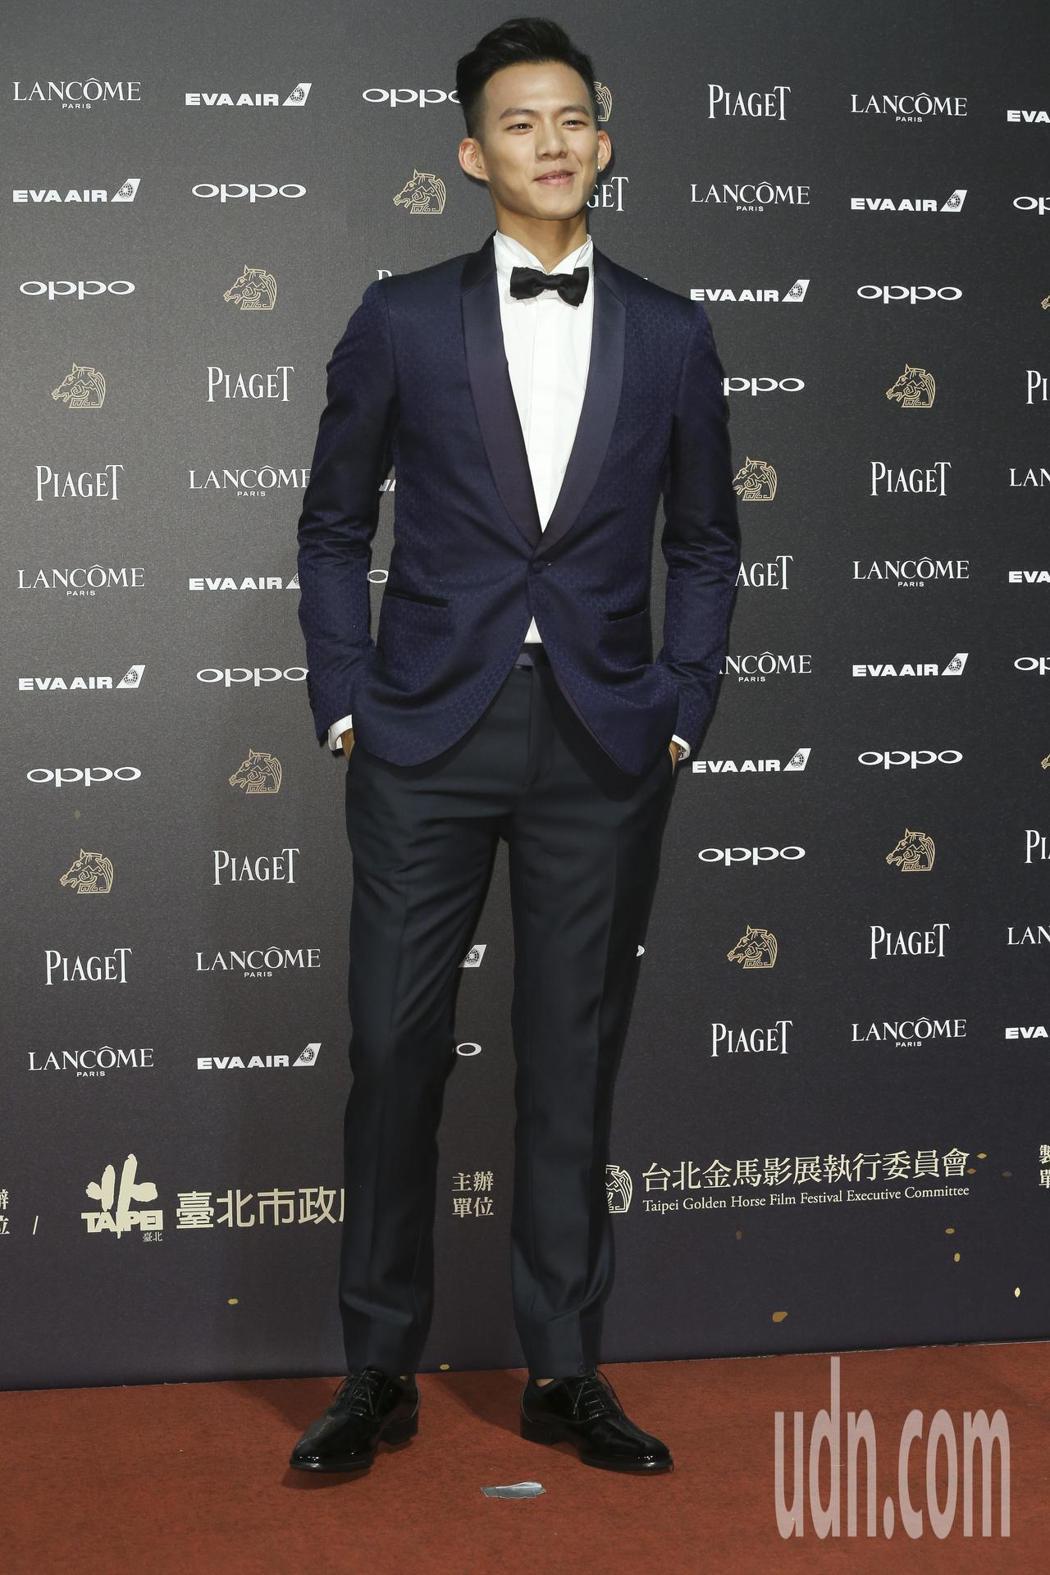 入圍第五十四屆金馬獎最佳新演員獎的吳念軒走紅毯。記者林俊良/攝影